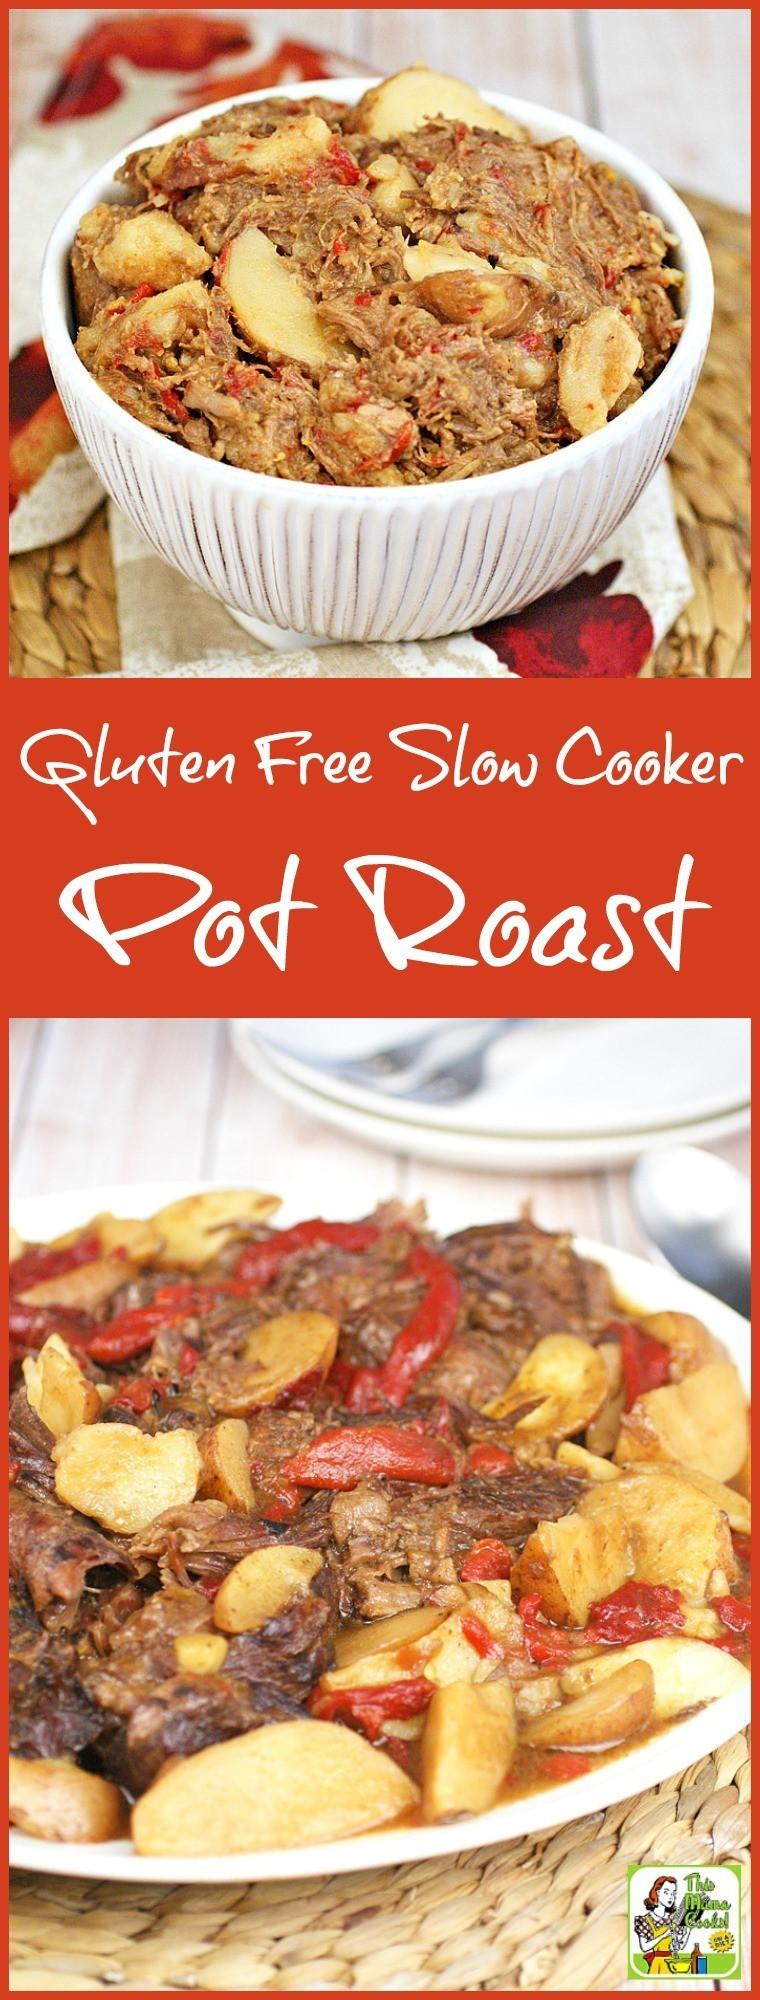 Gluten Free Slow Cooker Recipes  Gluten Free Slow Cooker Pot Roast